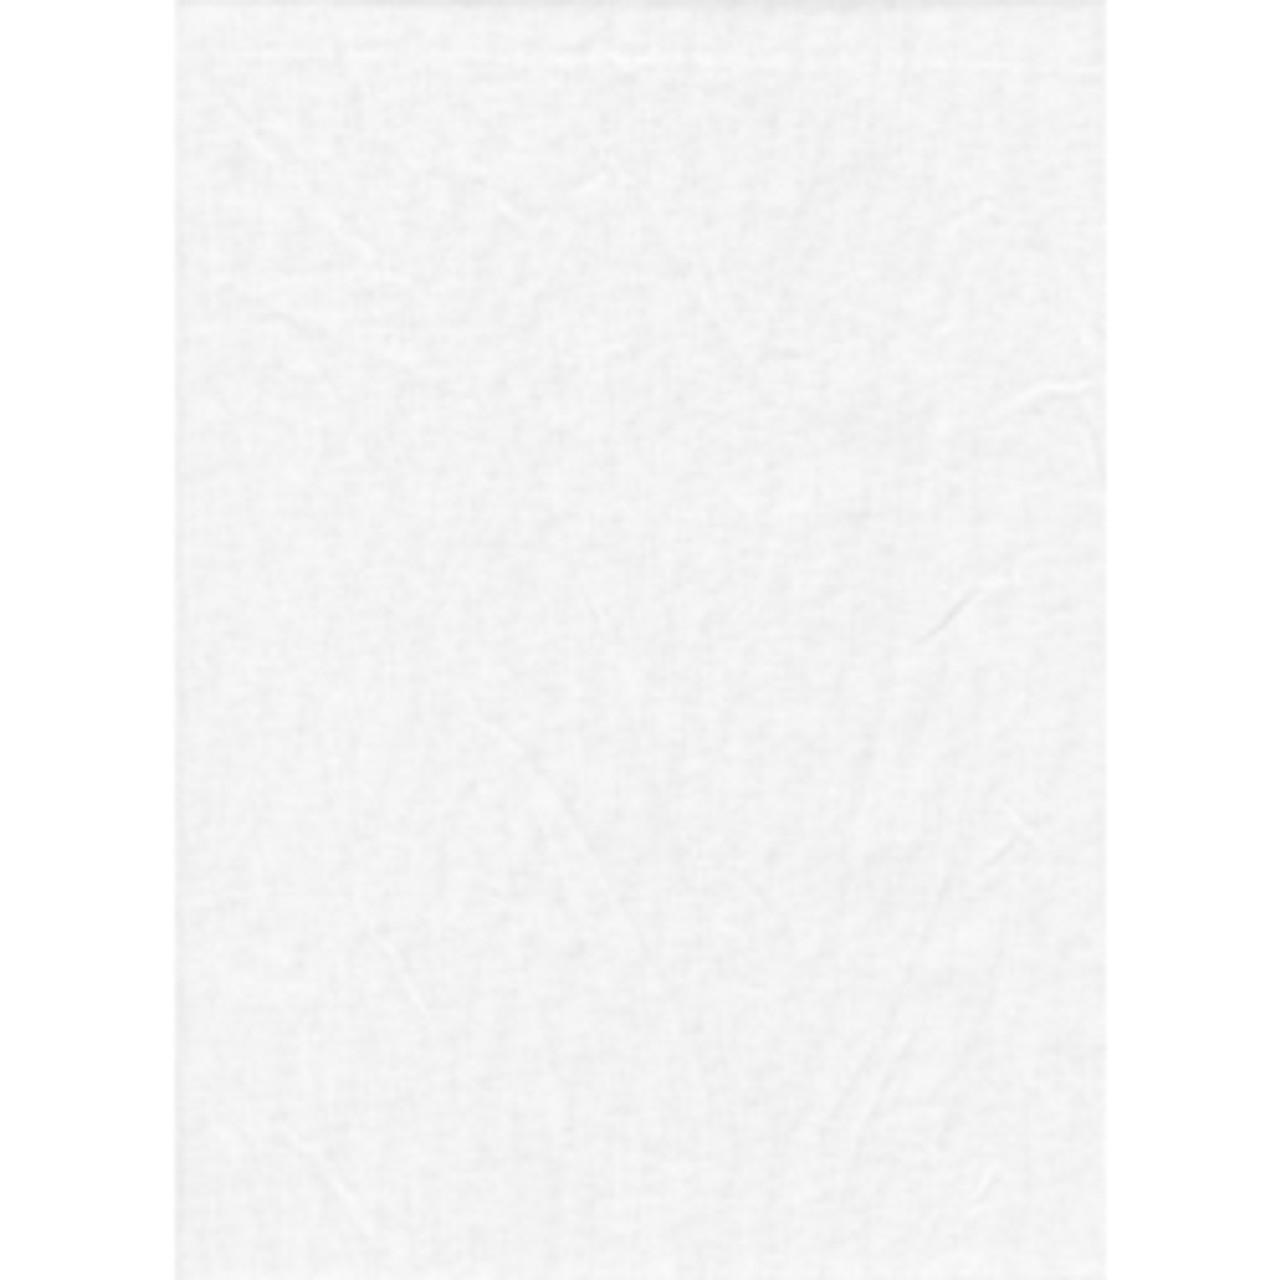 ProMaster Solid Studio Backdrop 10' x 20' White